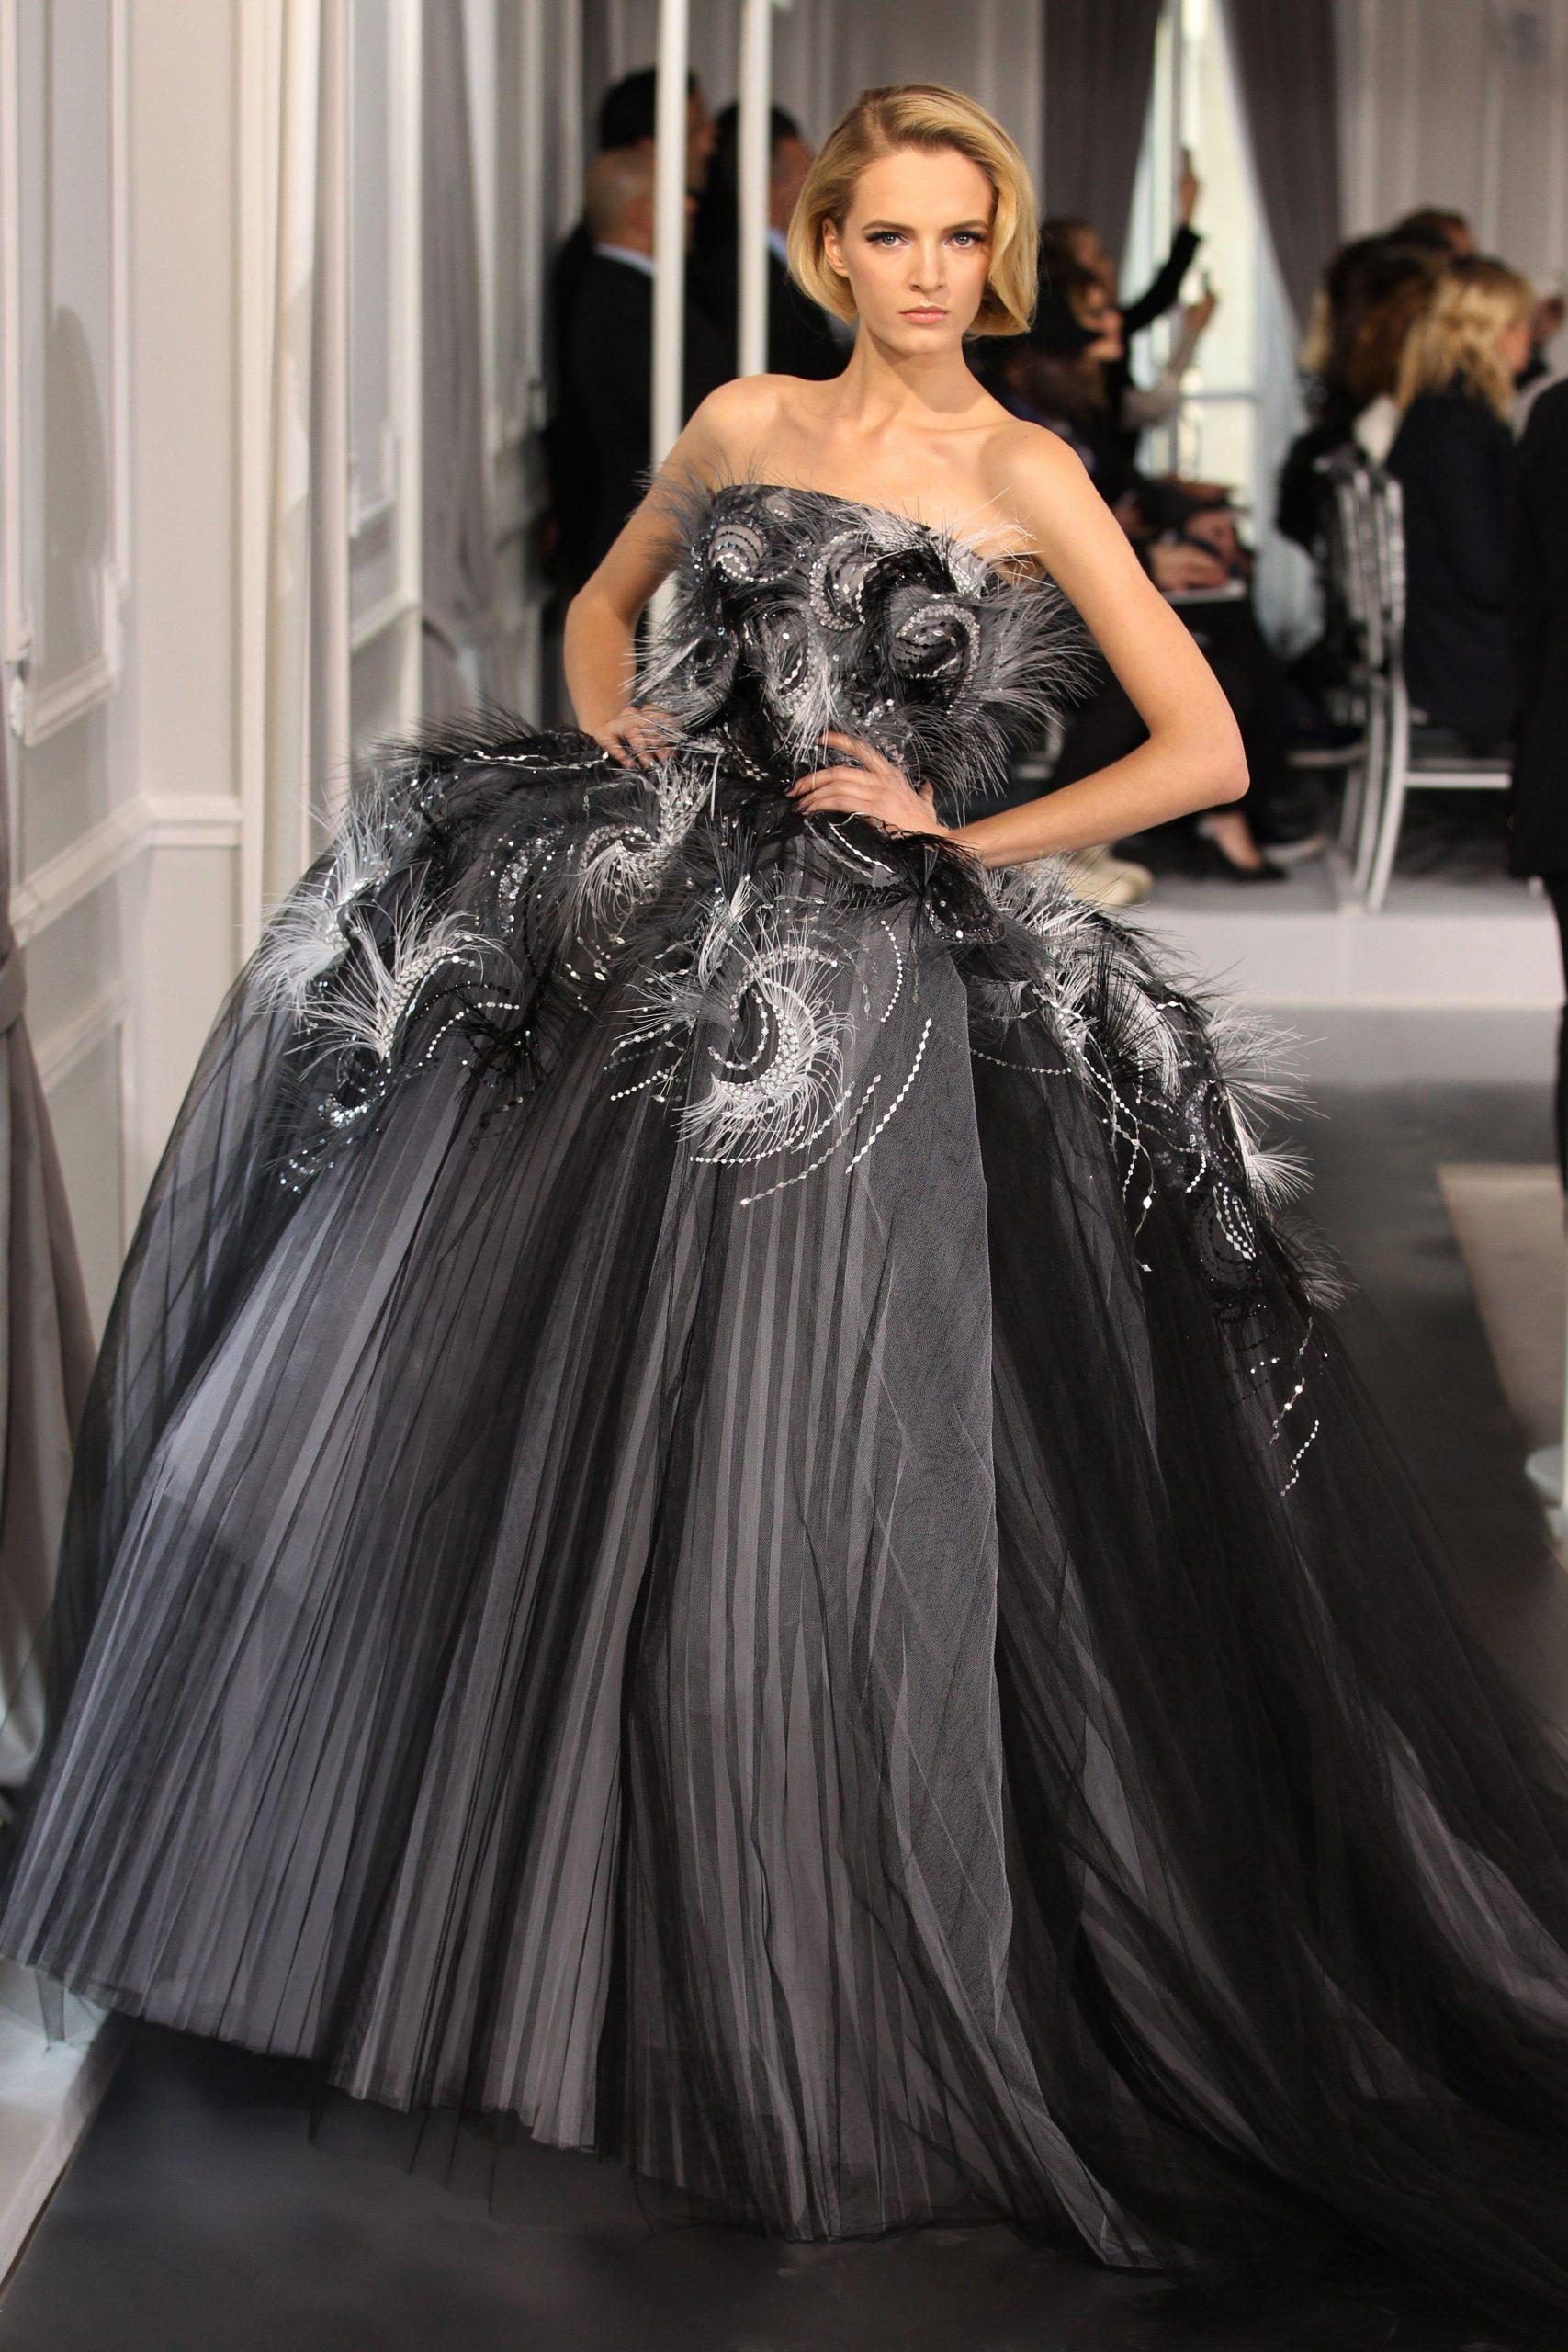 Schön Dior Abendkleid Bester Preis17 Ausgezeichnet Dior Abendkleid Spezialgebiet